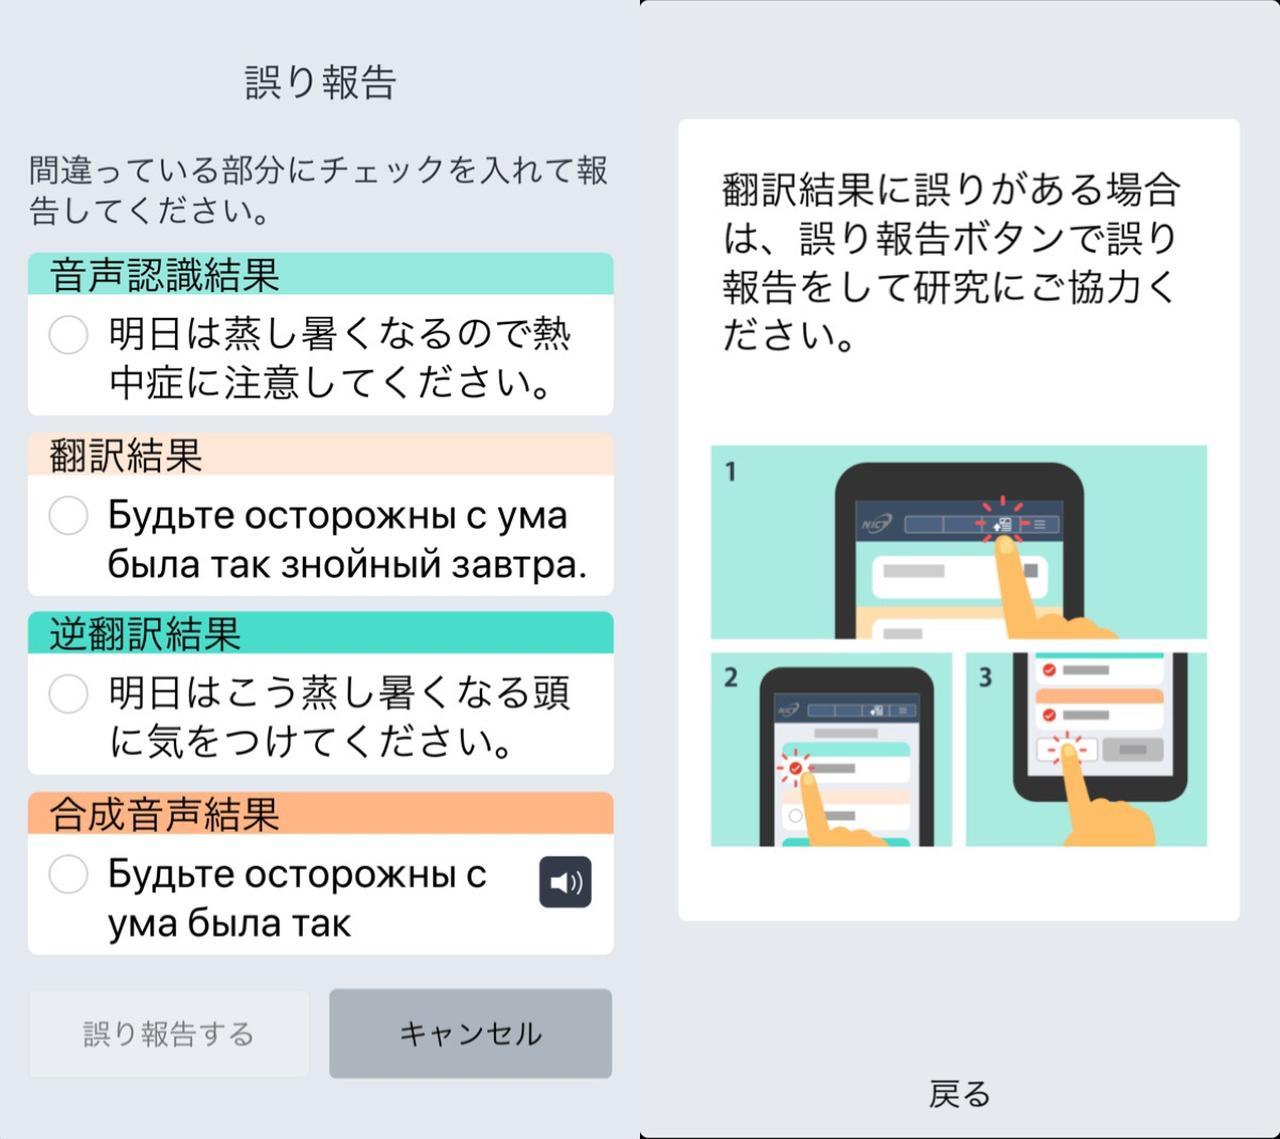 画像3: 英語以外も正確に訳せる?いろんな言語を使ってみました。